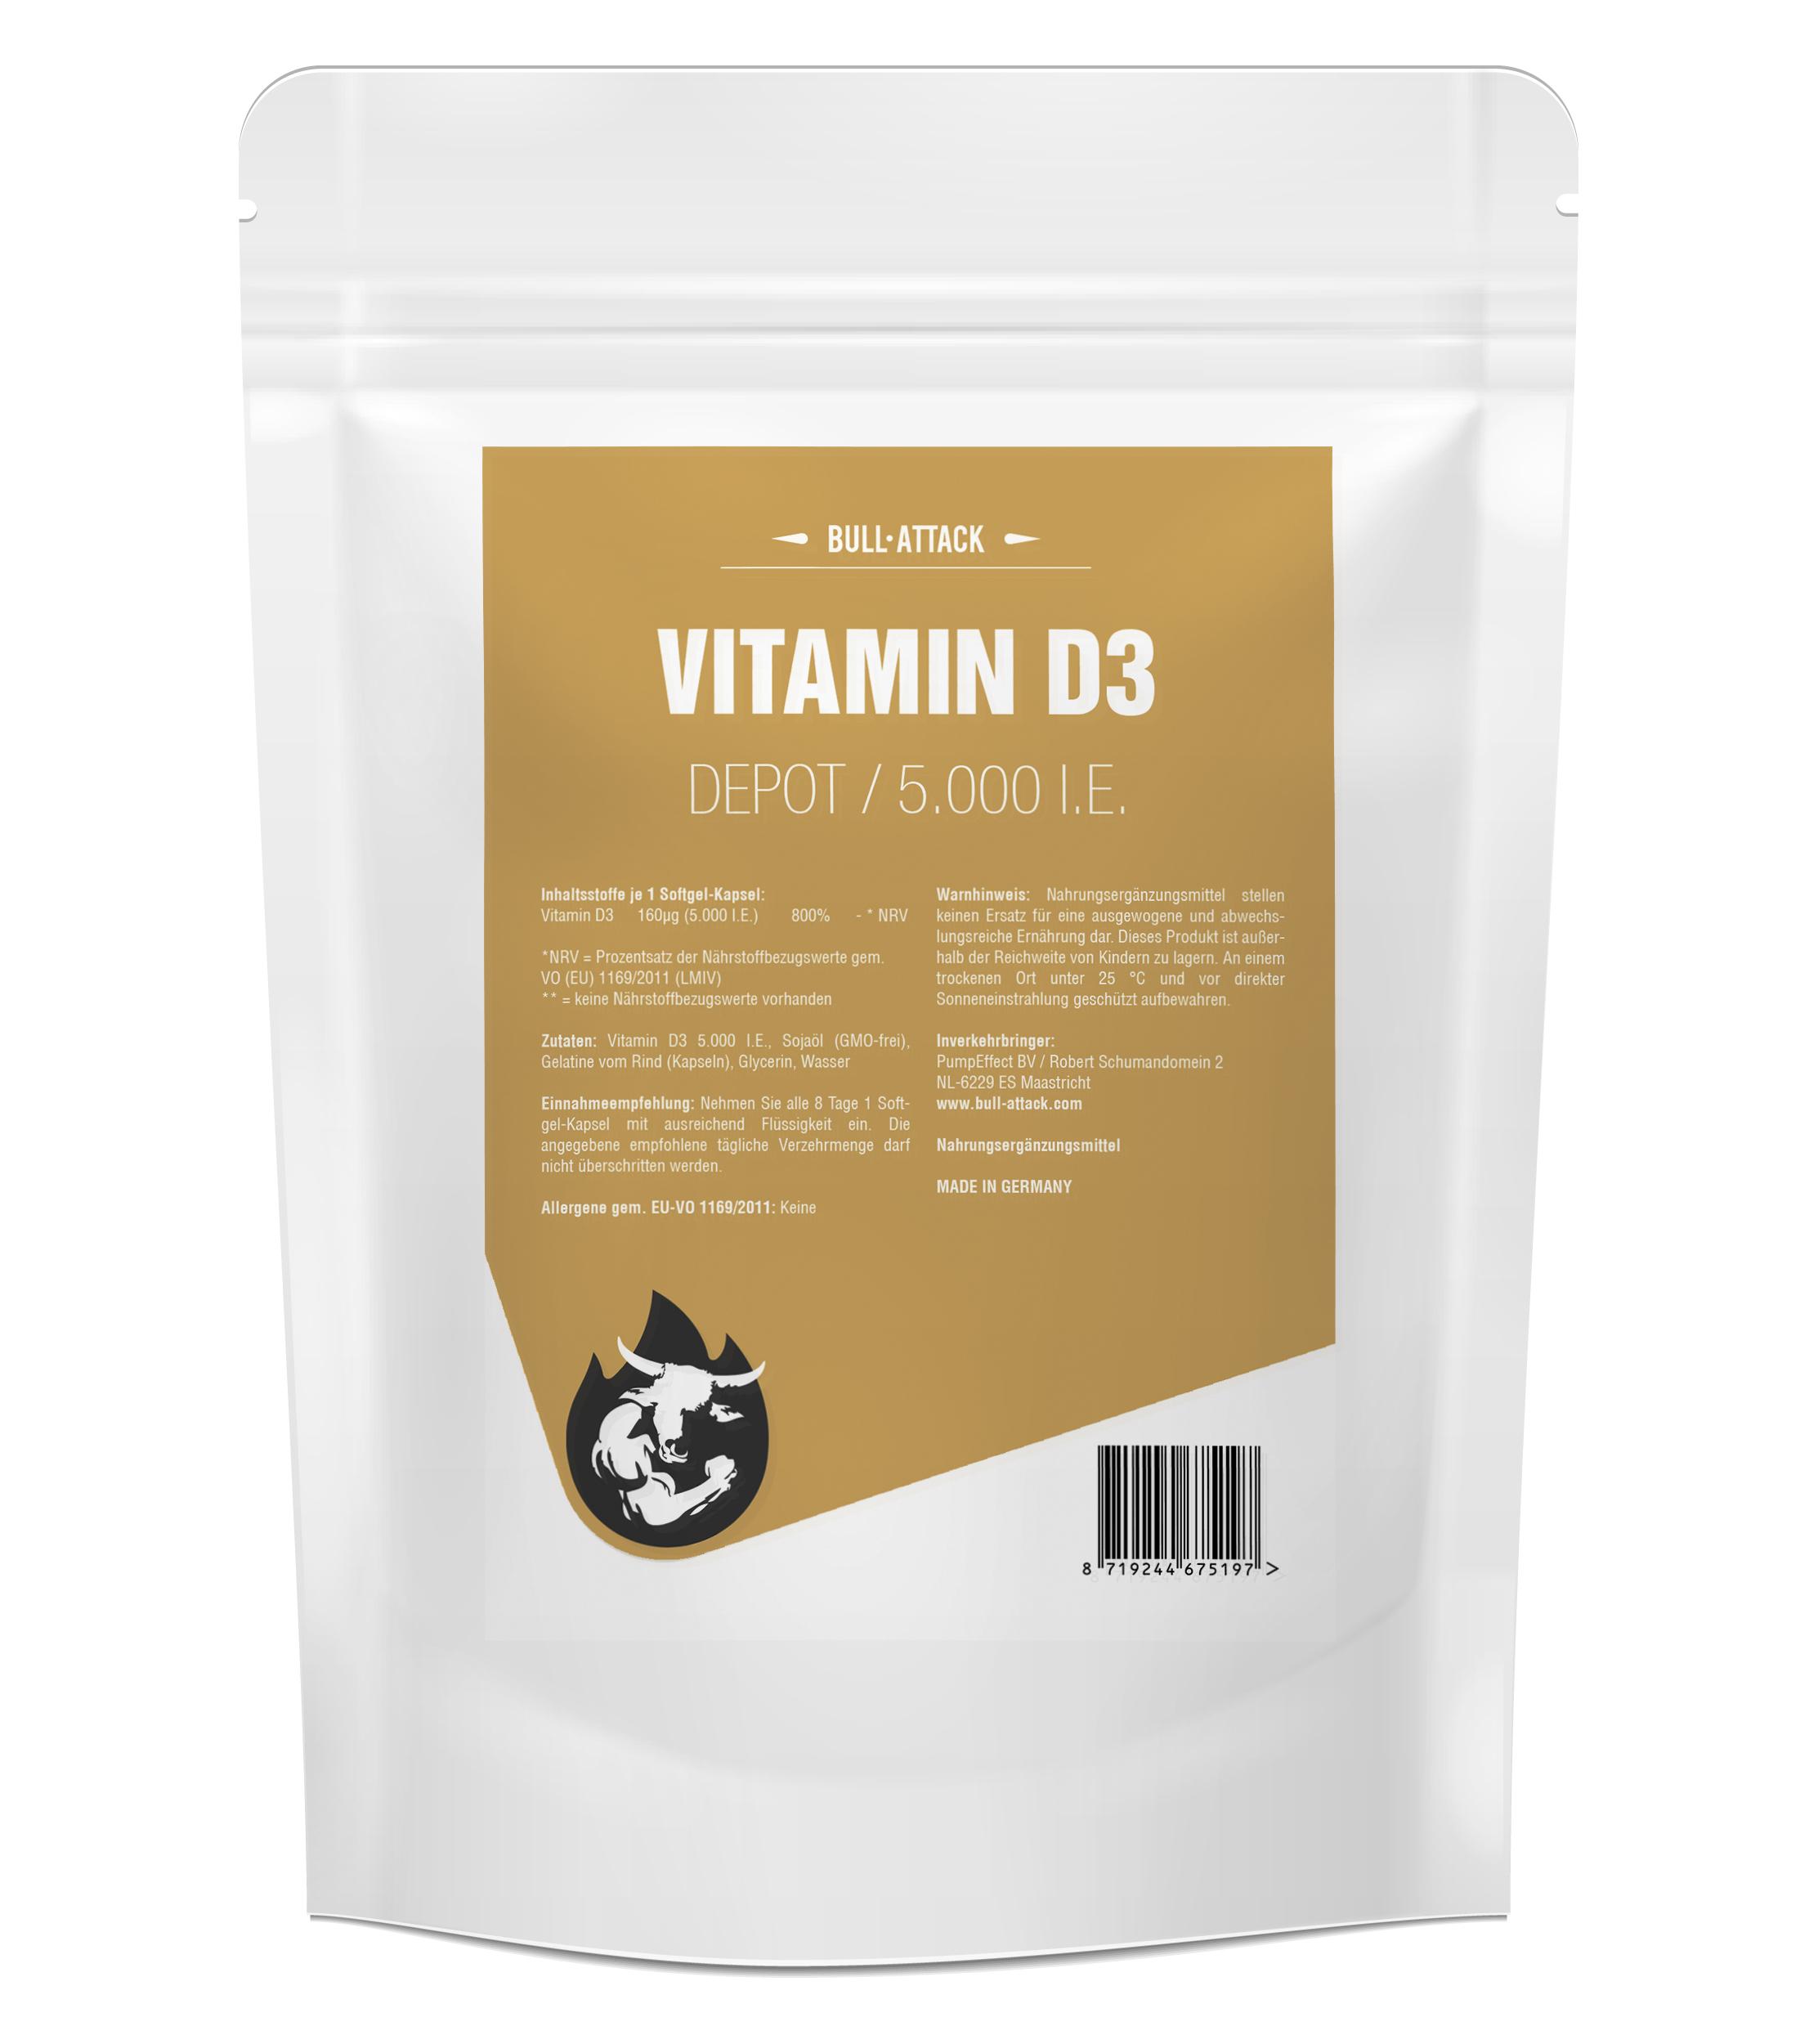 Vitamin D3 Depot 5000 I.E.